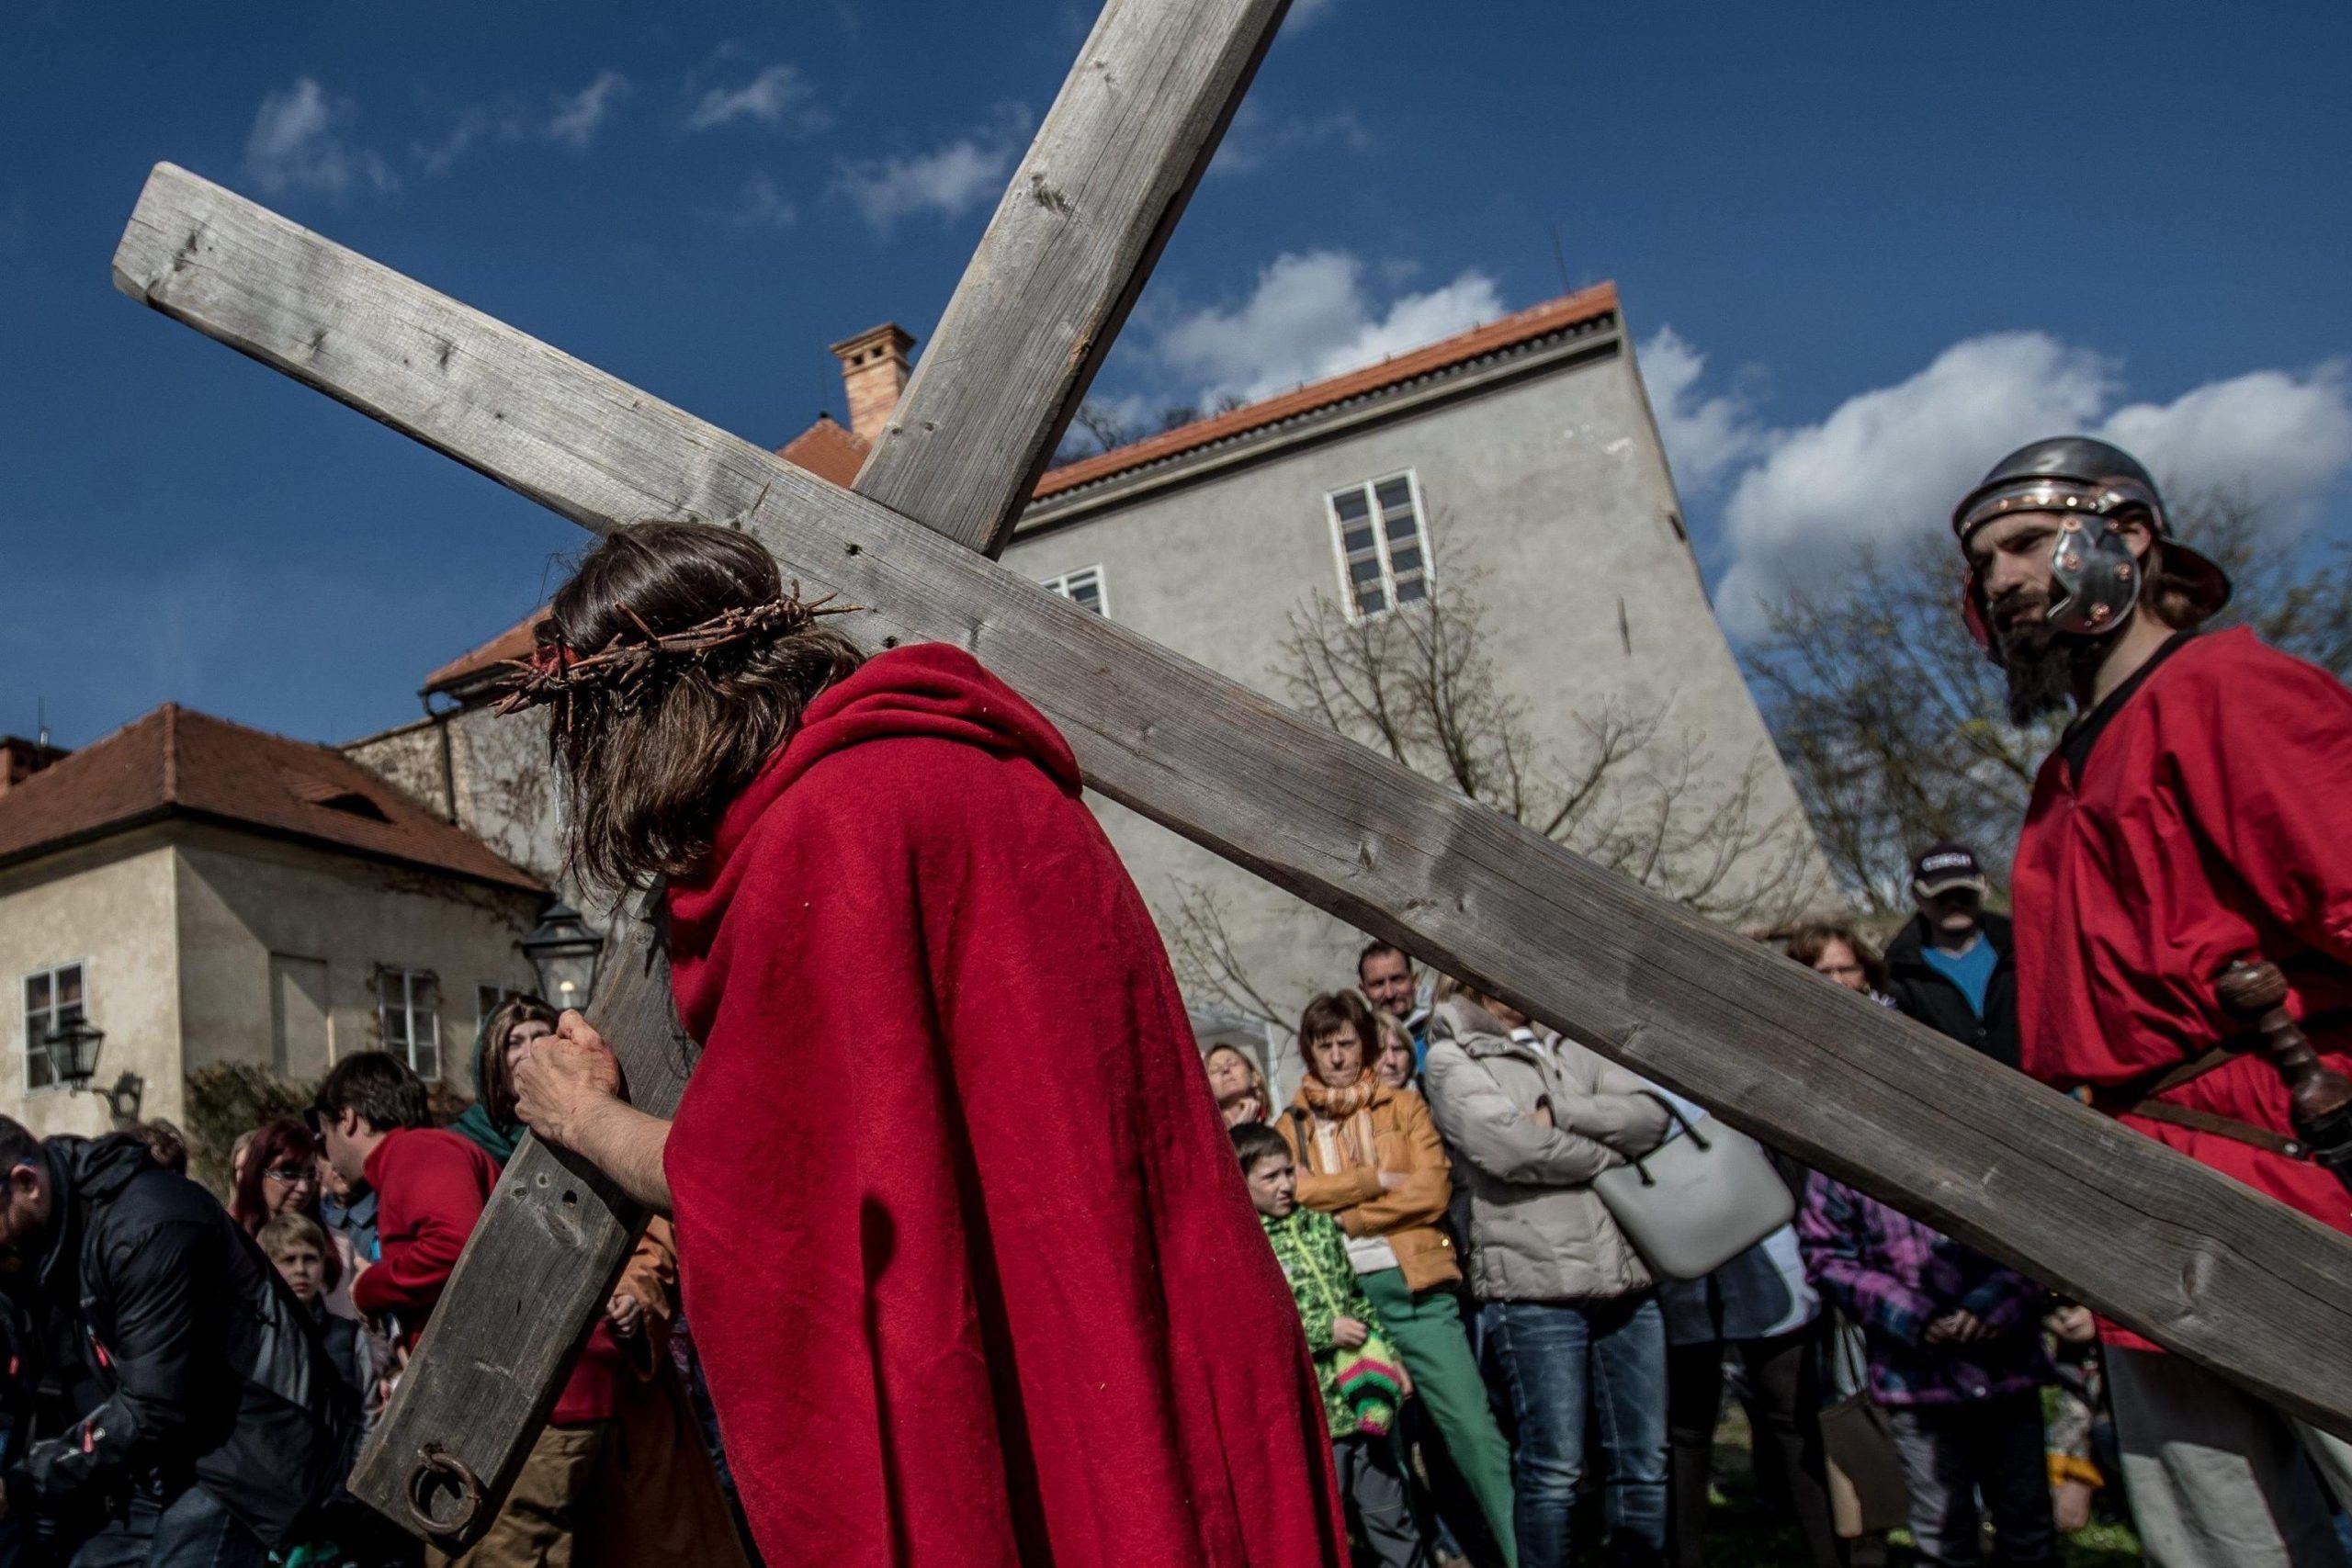 Pasqua: curiosità su crocifissione, morte e resurrezione di Gesù